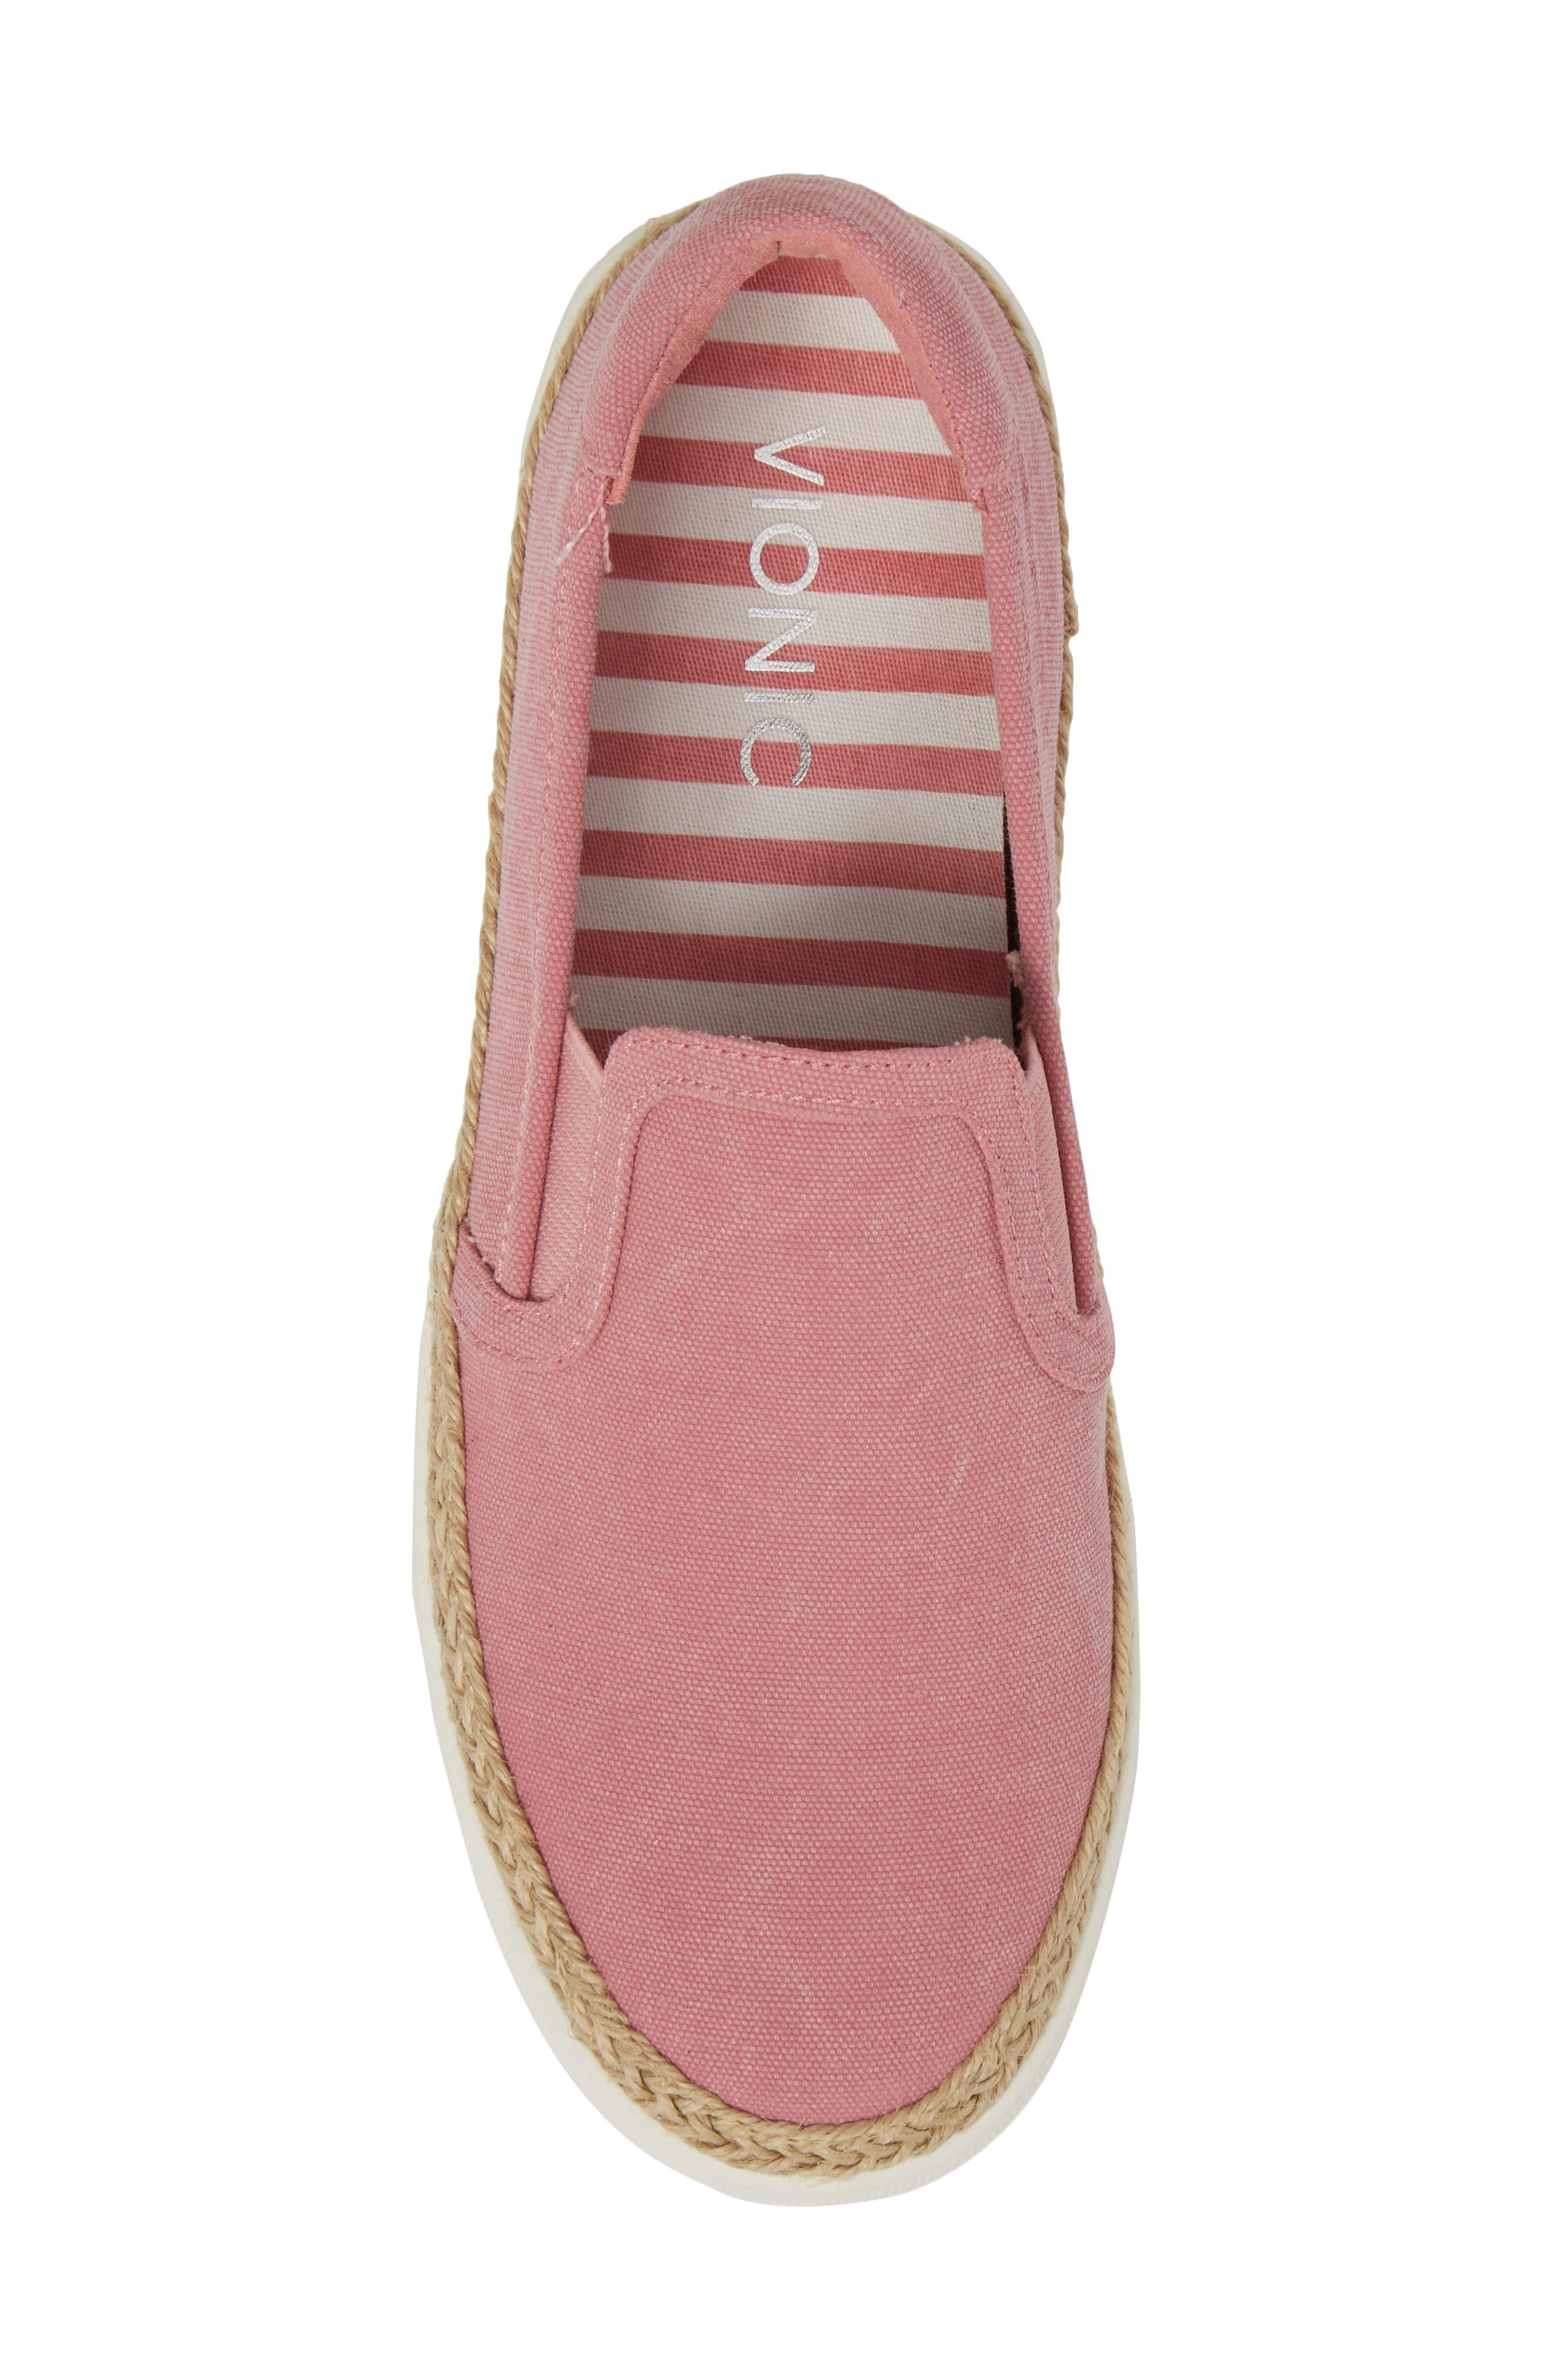 Rae Slip-On Sneaker,                             Alternate thumbnail 5, color,                             Light Pink Canvas